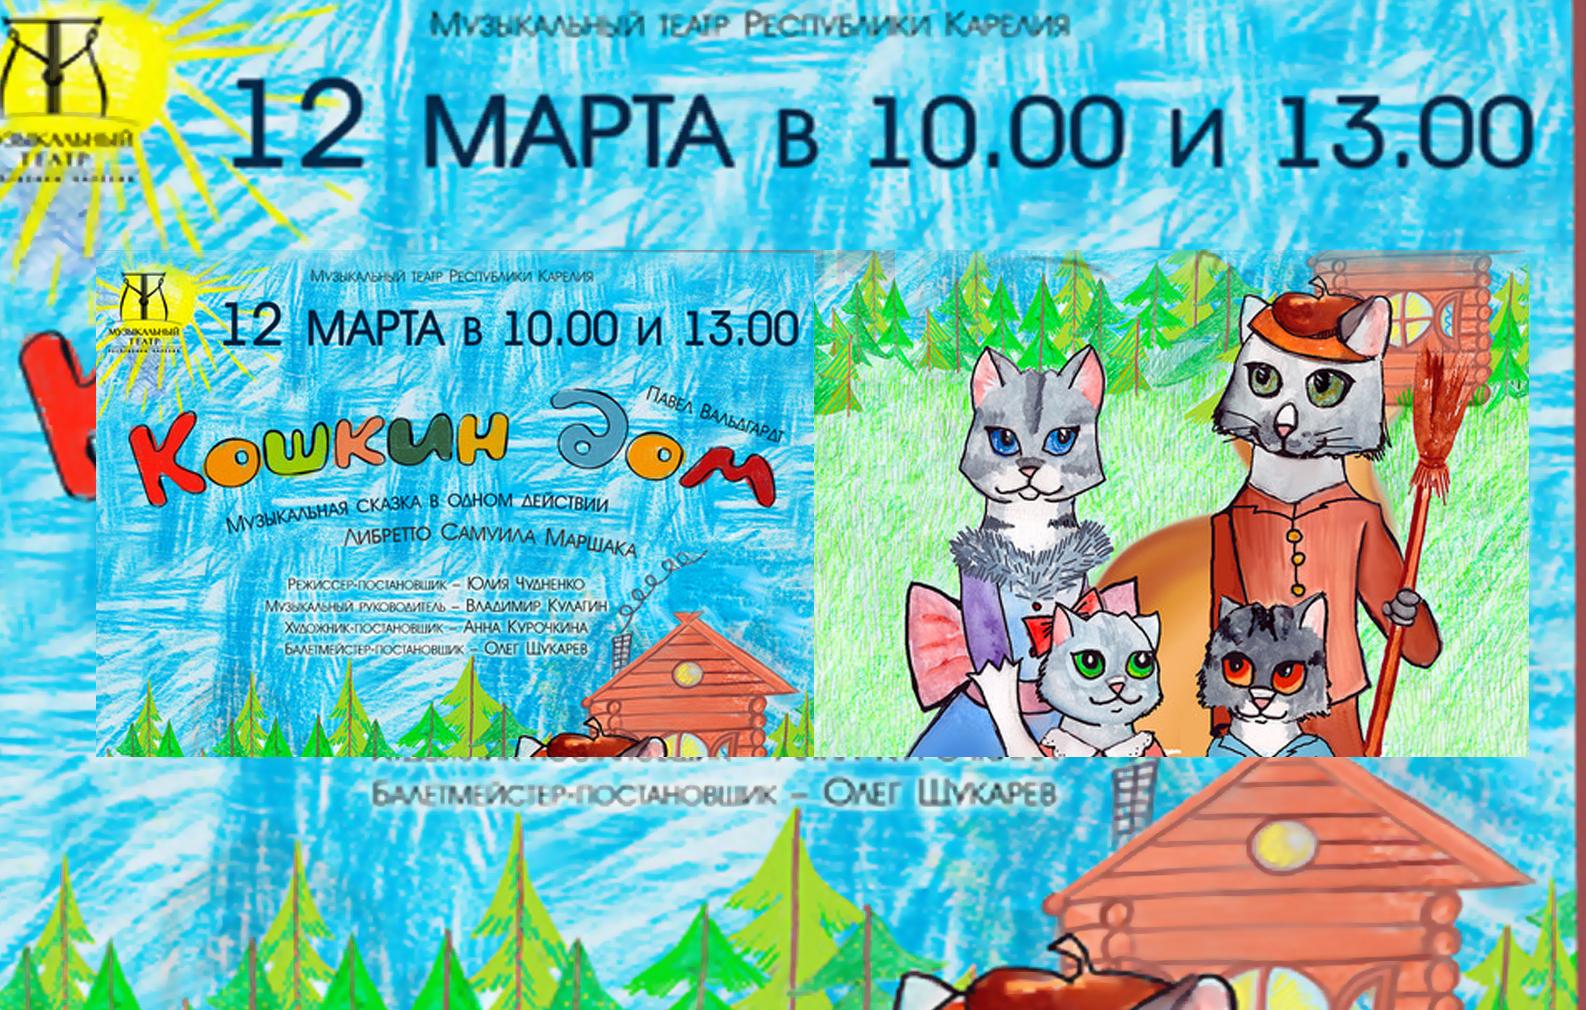 <p>12 марта приглашаем на музыкальную сказку «Кошкин дом» Музыкального театра Республики Карелия. Цена билета 200 рублей. Билеты в кассе. Тел. 4-79-56</p>